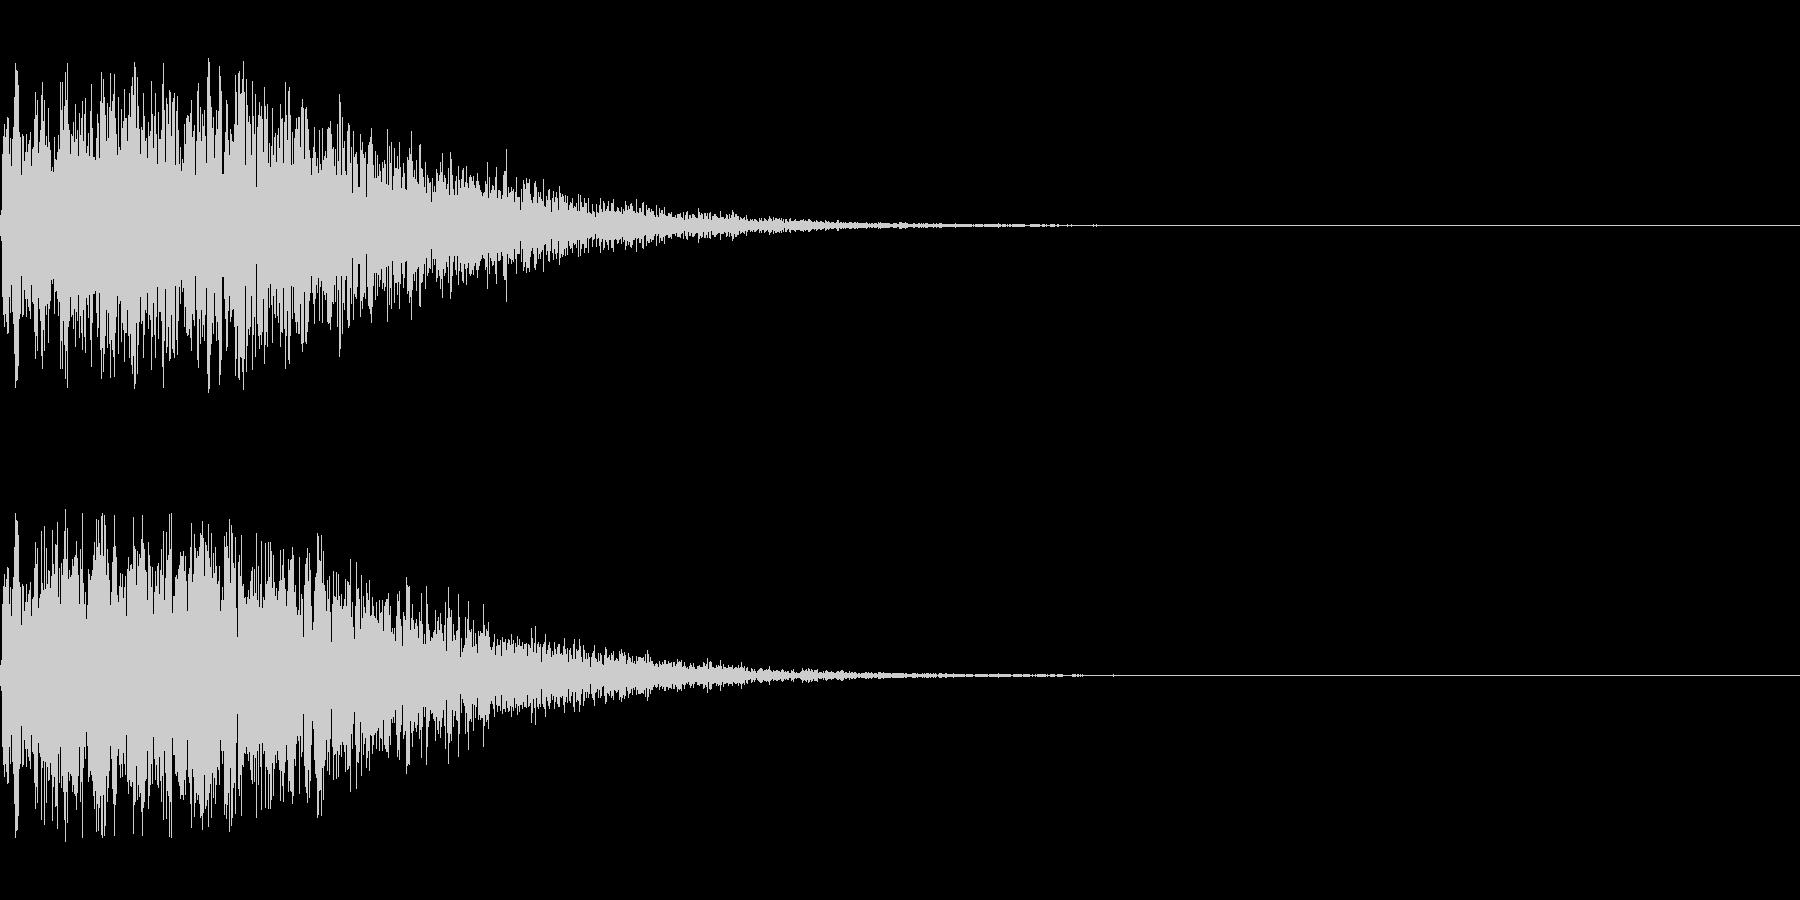 バキューン!(ピストルの発砲音)その2の未再生の波形